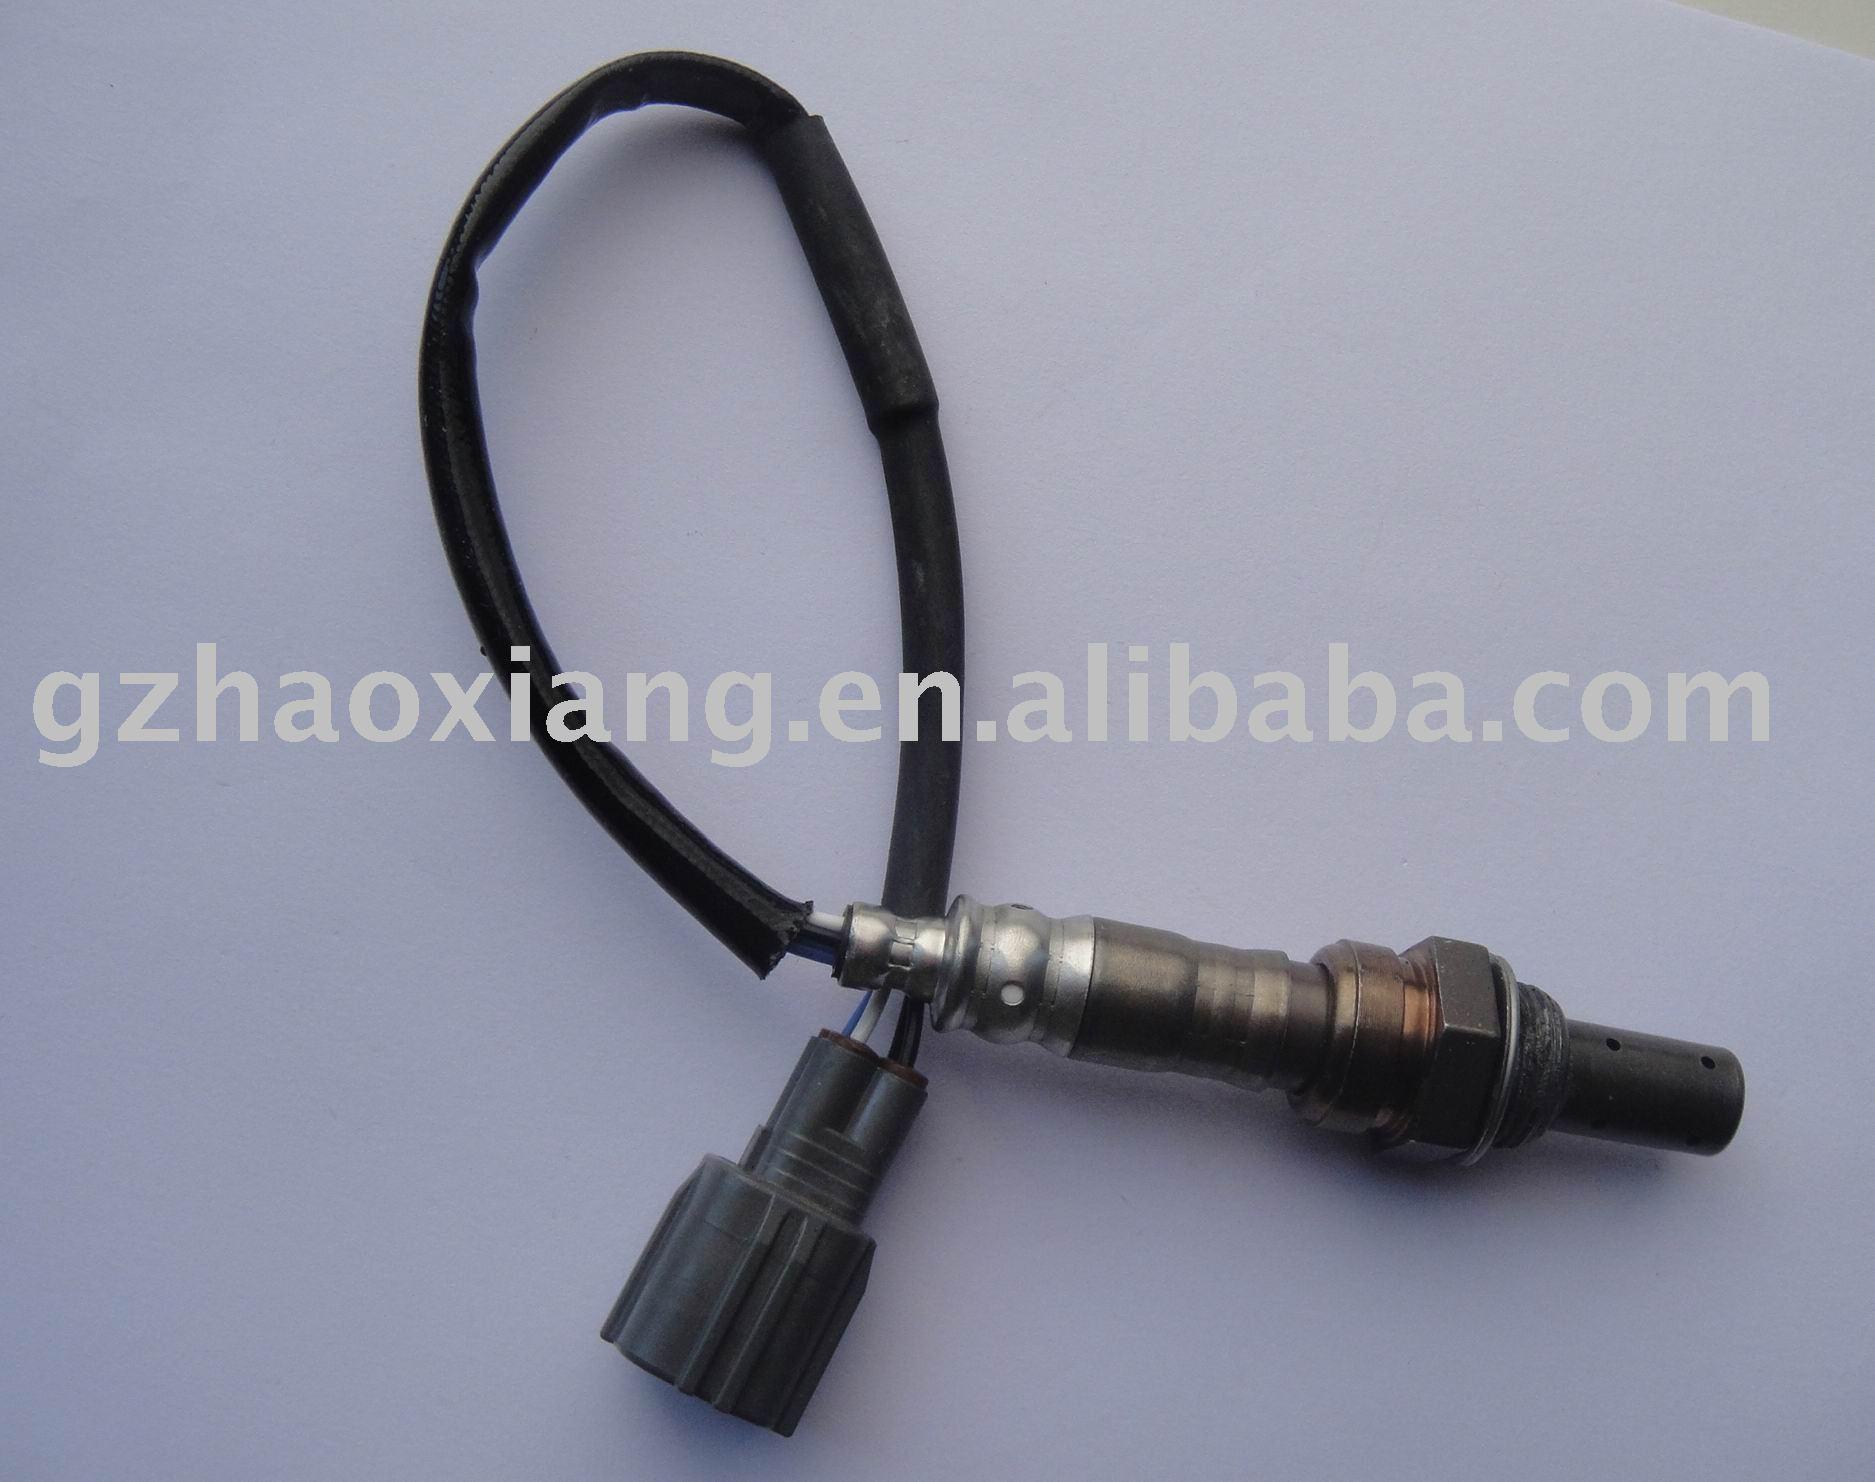 TOYOTA Oxygen sensor 89467-48110